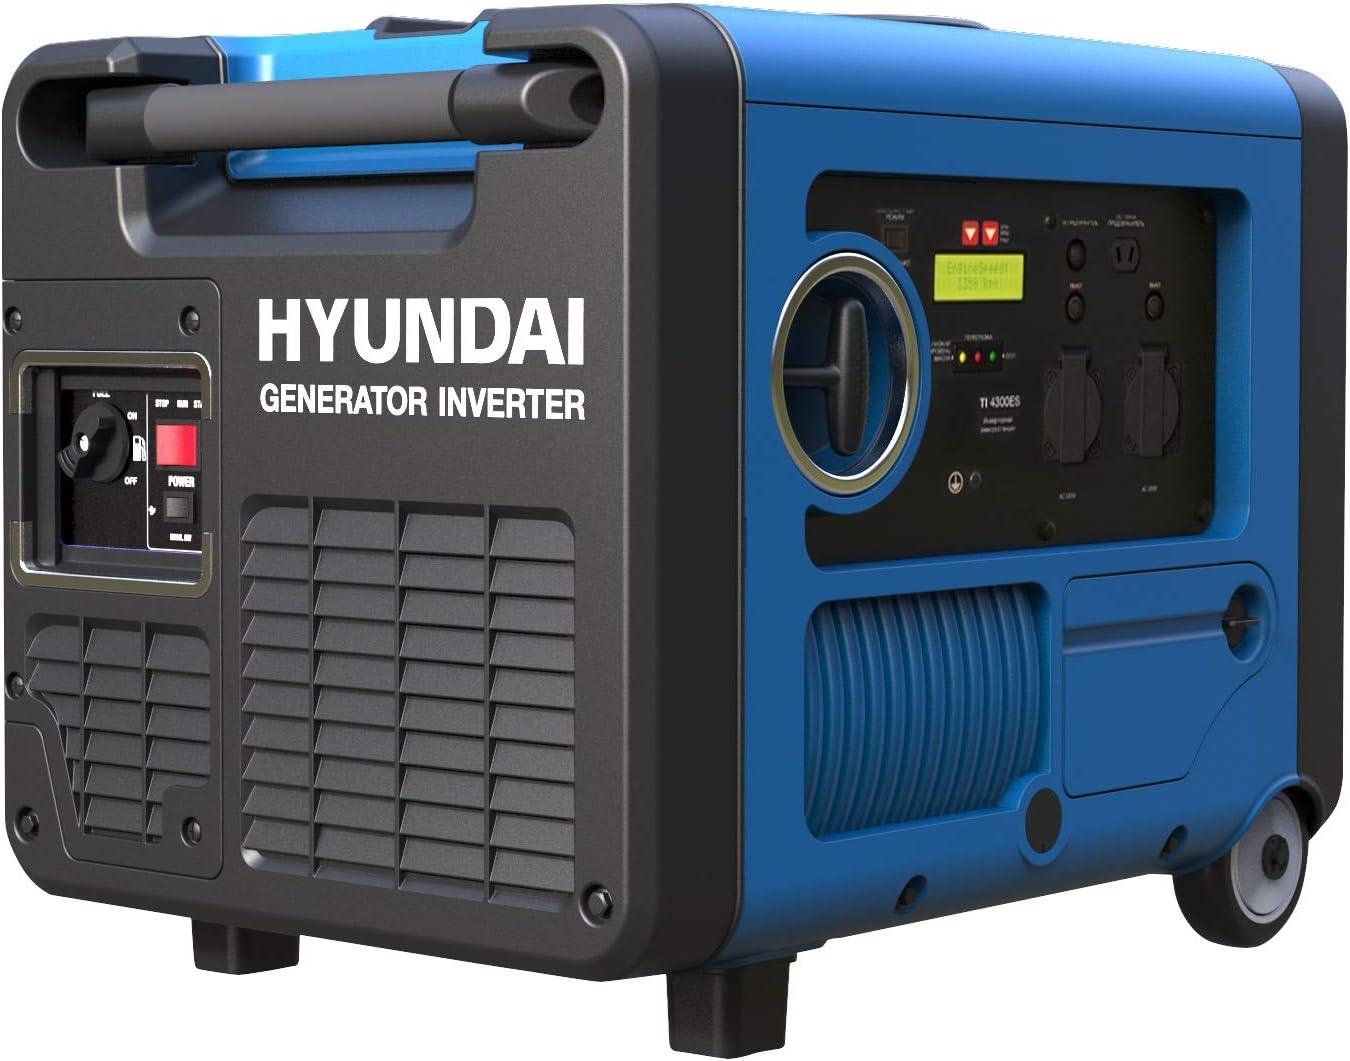 HYUNDAI HY4500SEi D - Generador inversor de gasolina portátil ...